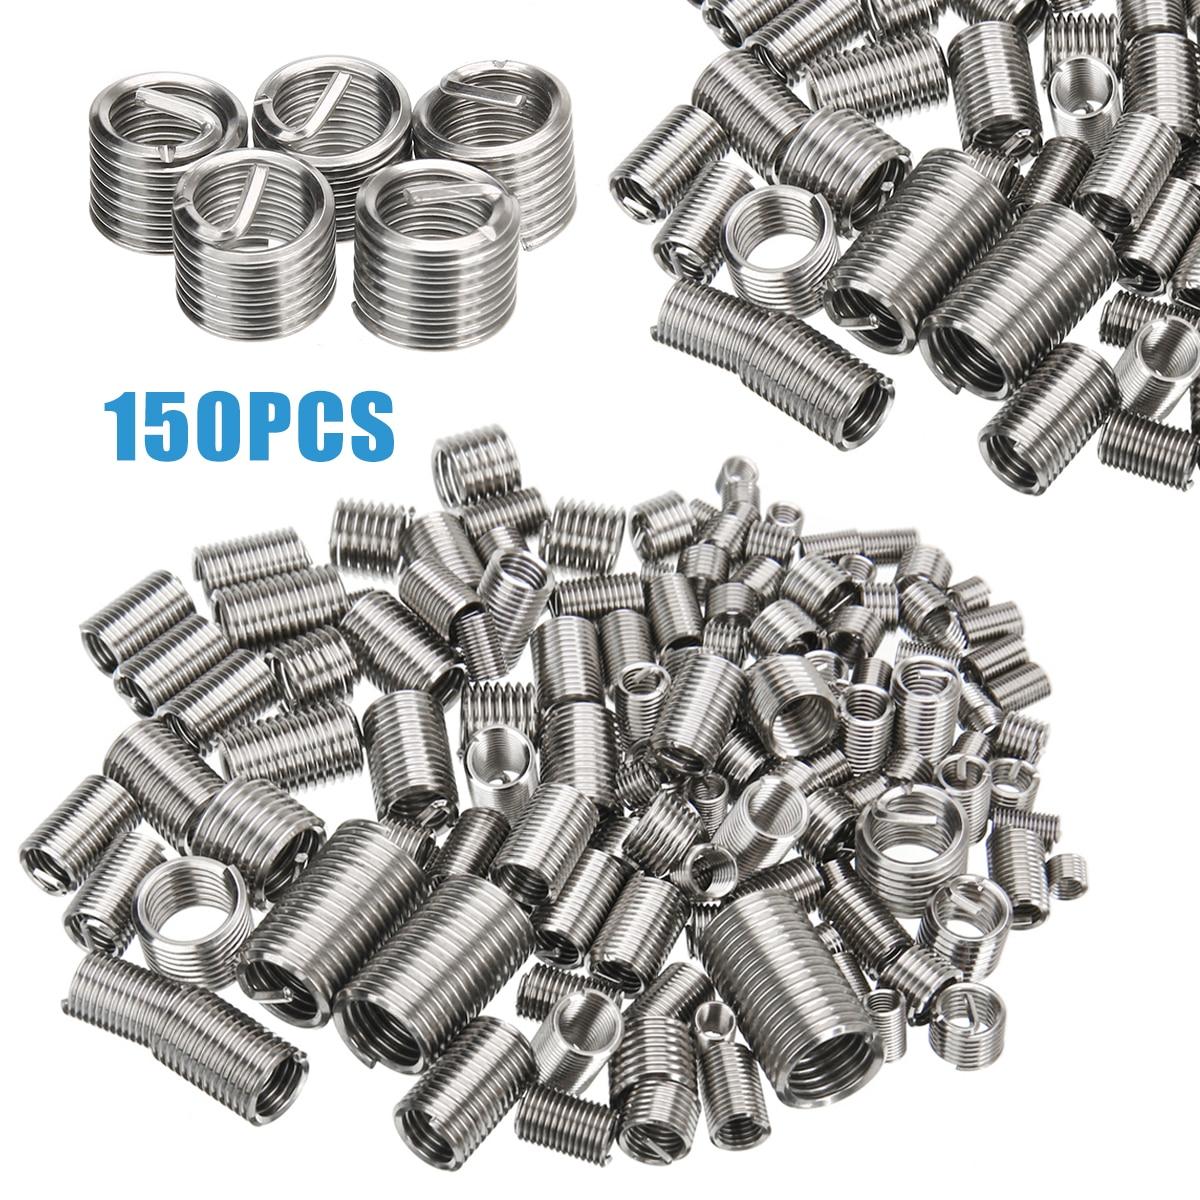 Drill Bit 18mm Stainless Steel Insert 1.5D Thread Repair Kit M12 x 1.25 Tap